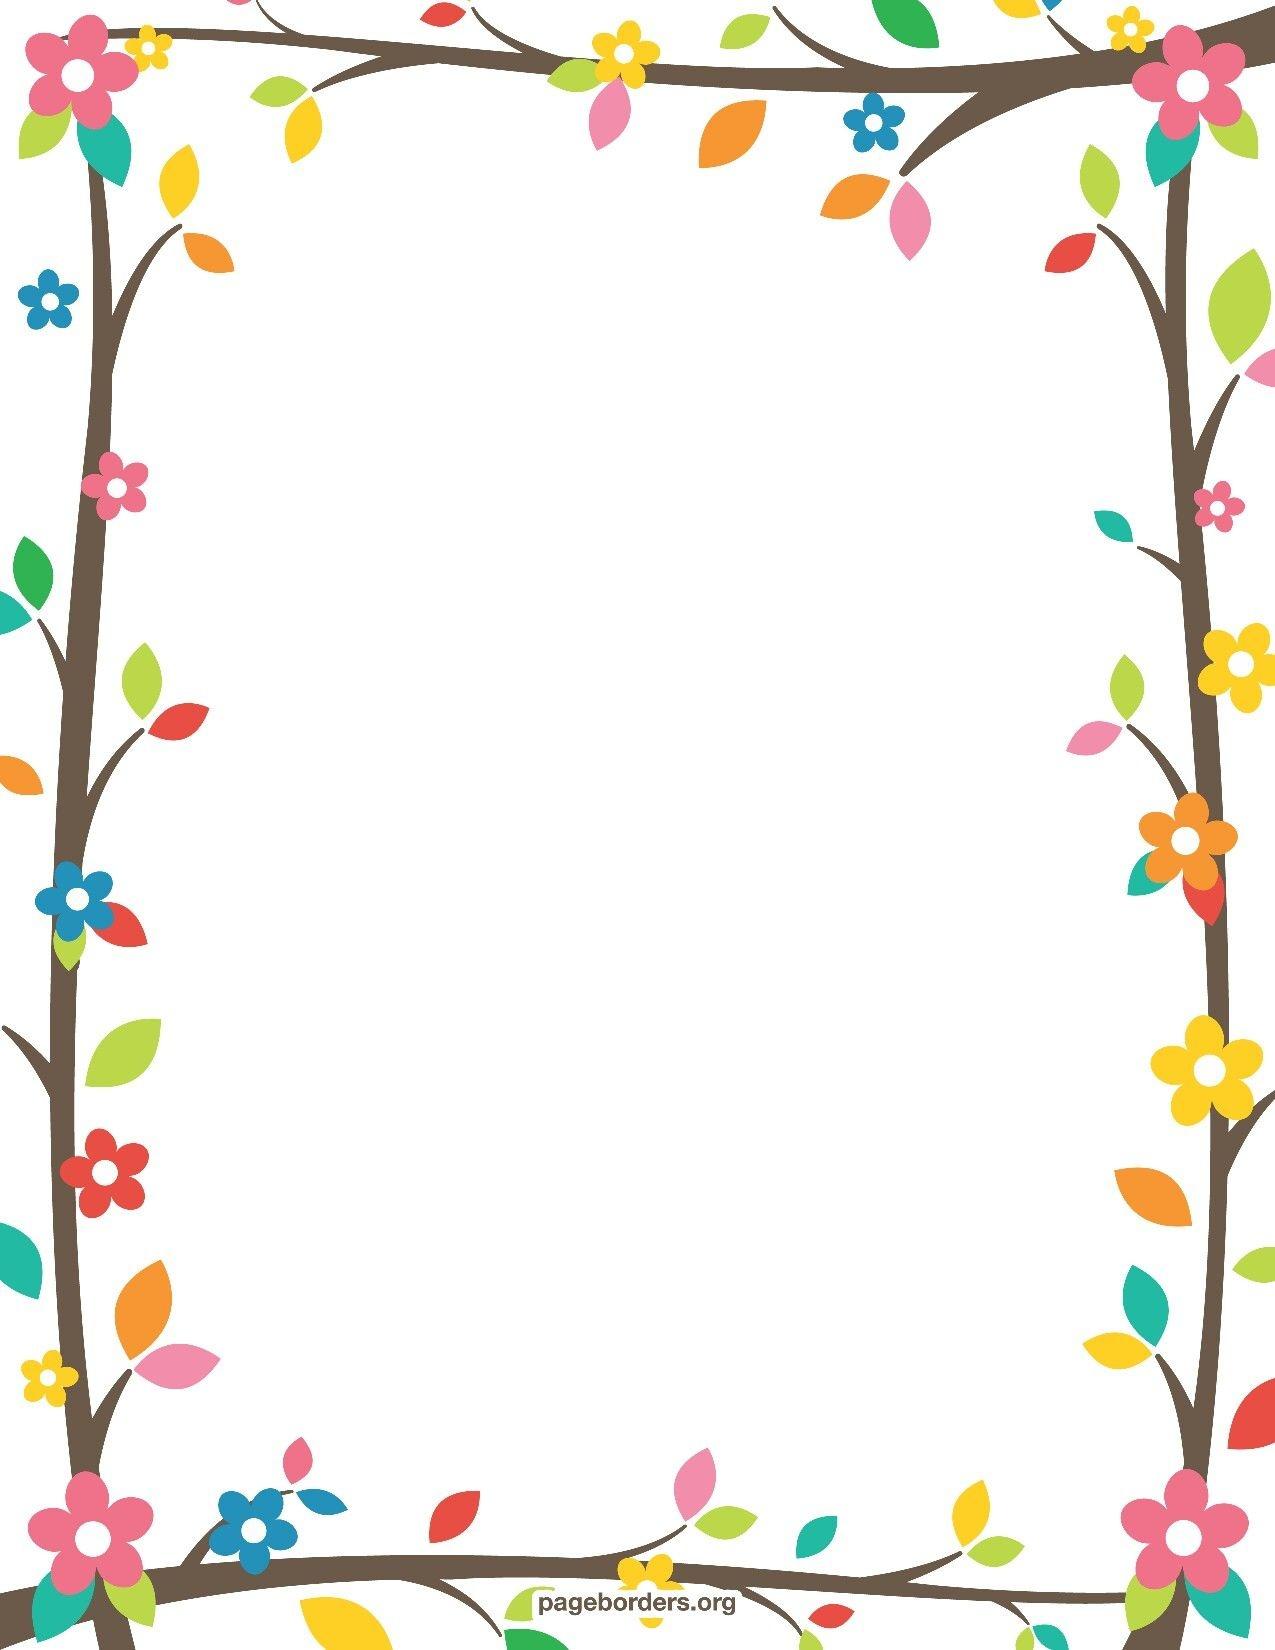 Resultado De Imagen Para Free Printable Border Designs For Paper - Free Printable Borders And Frames